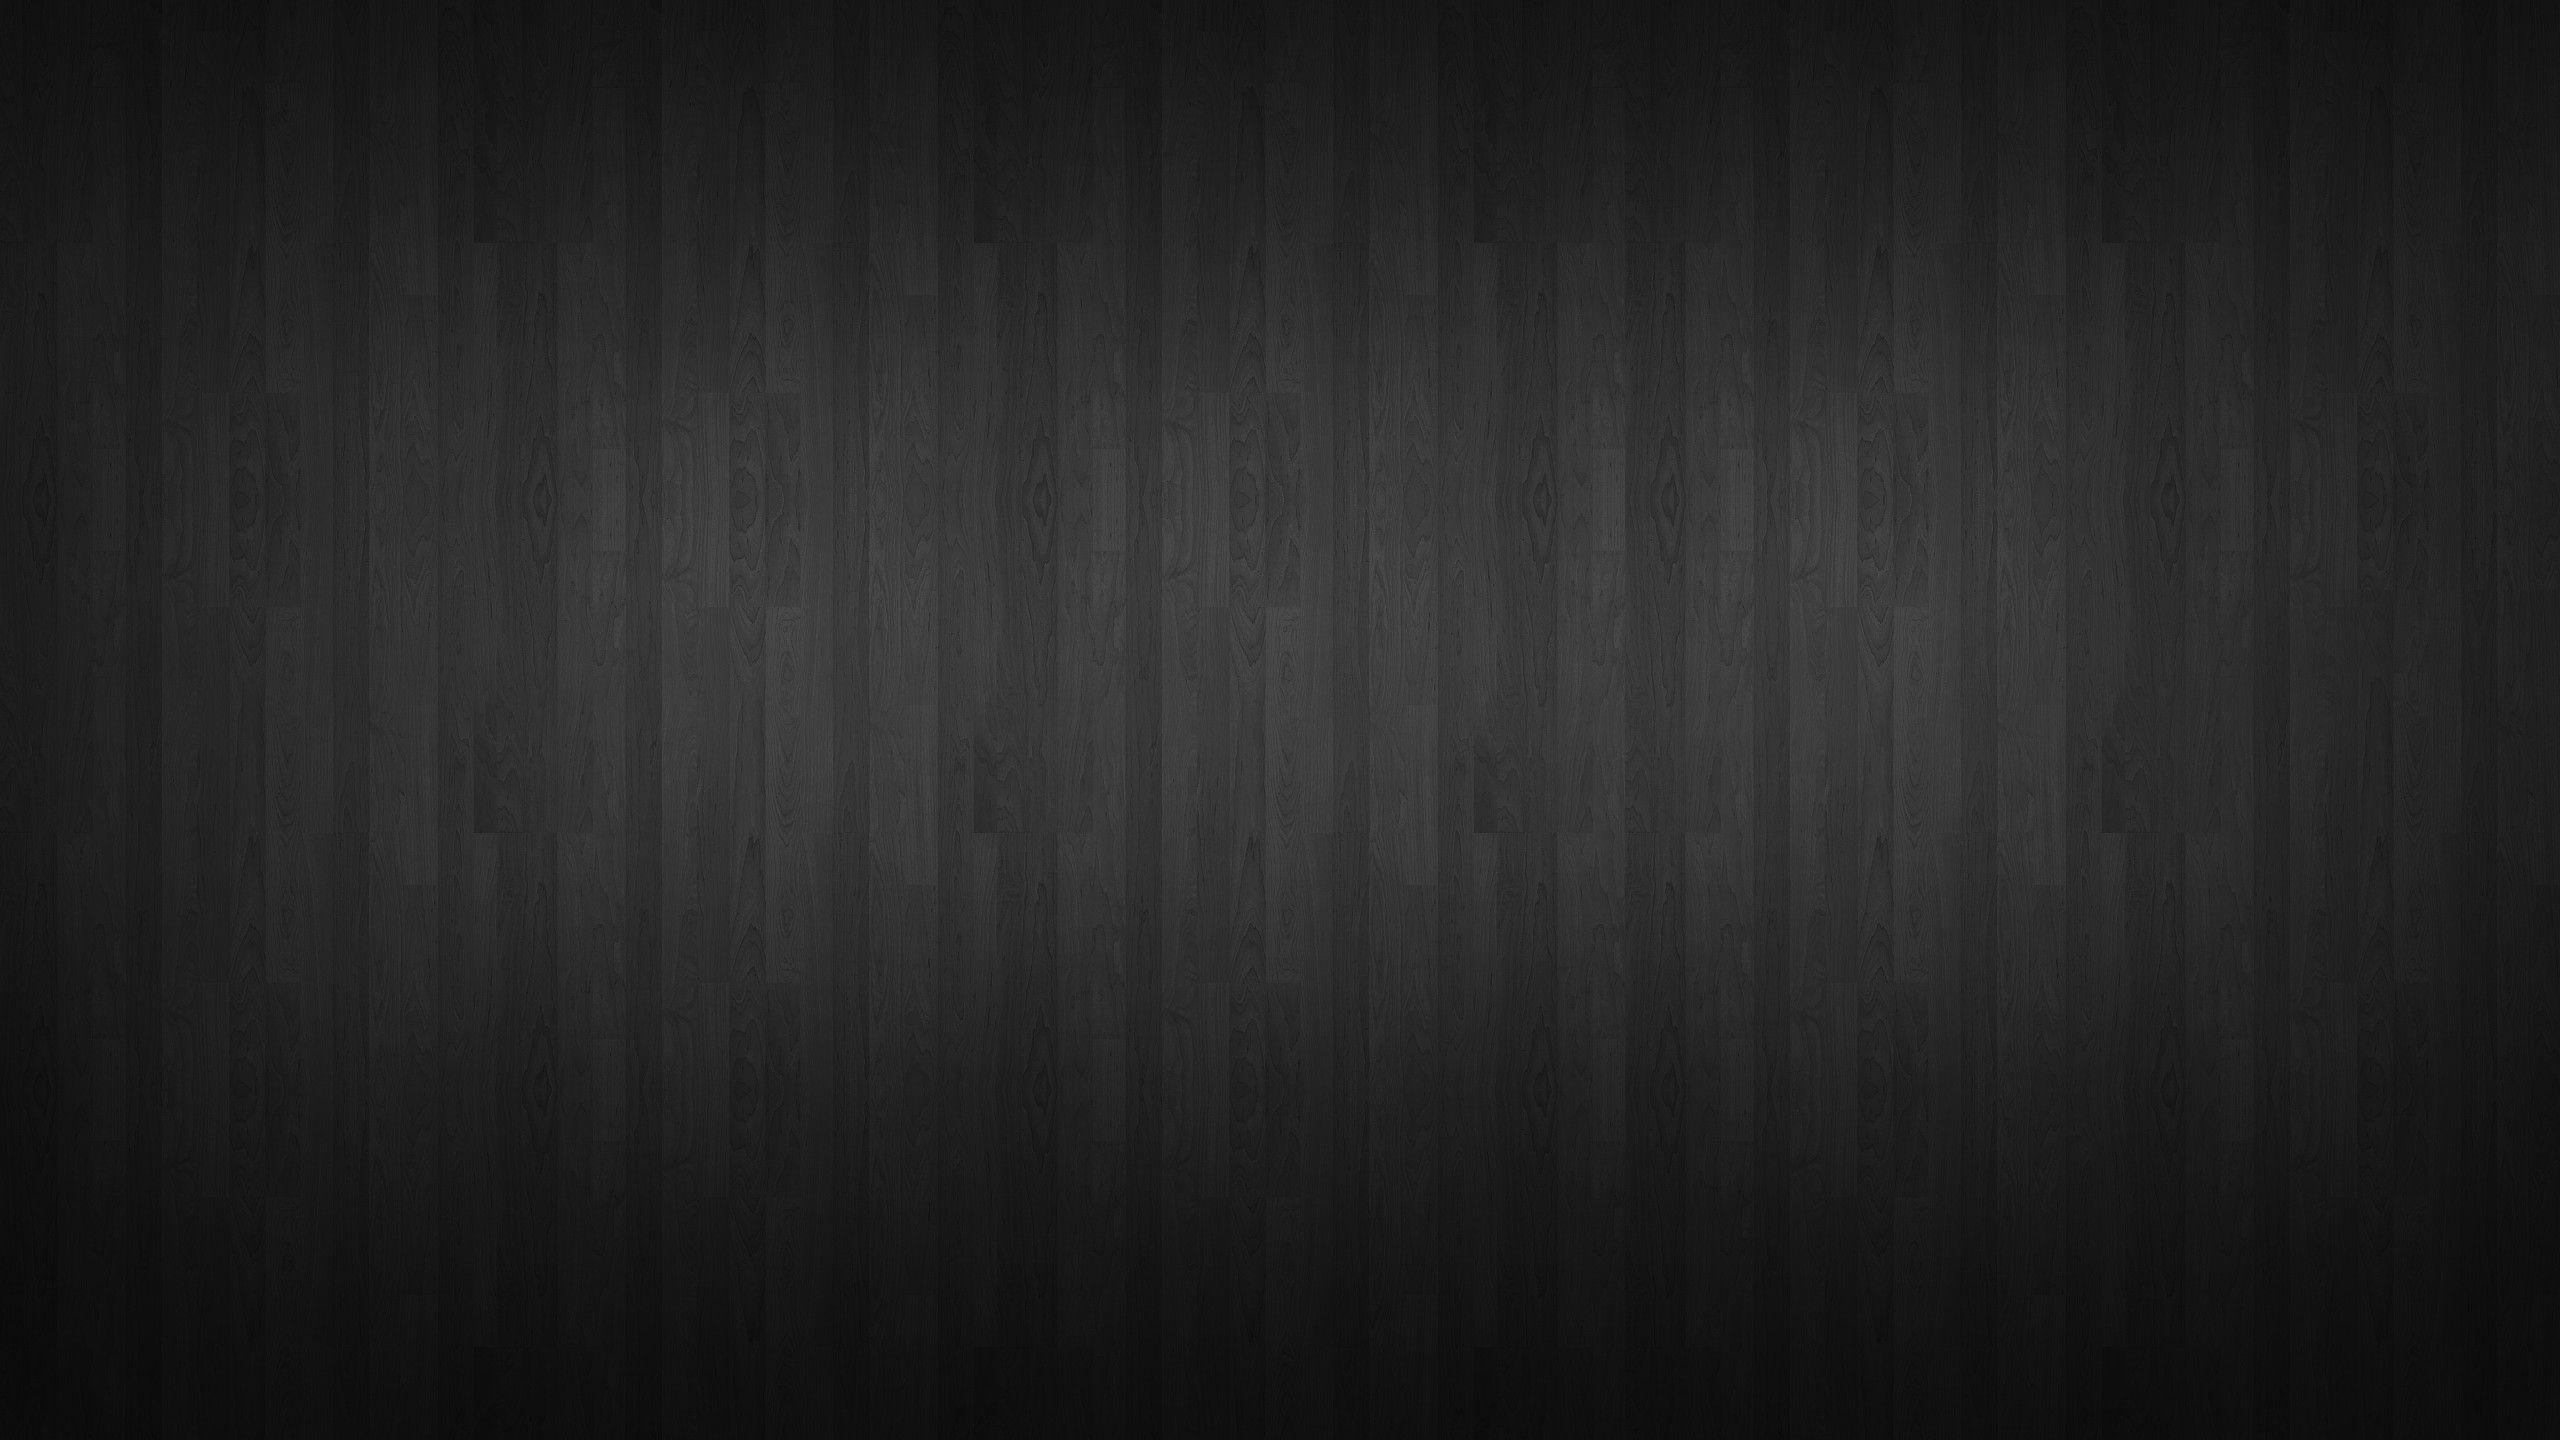 black dark floor textures wood wallpaper (2226799